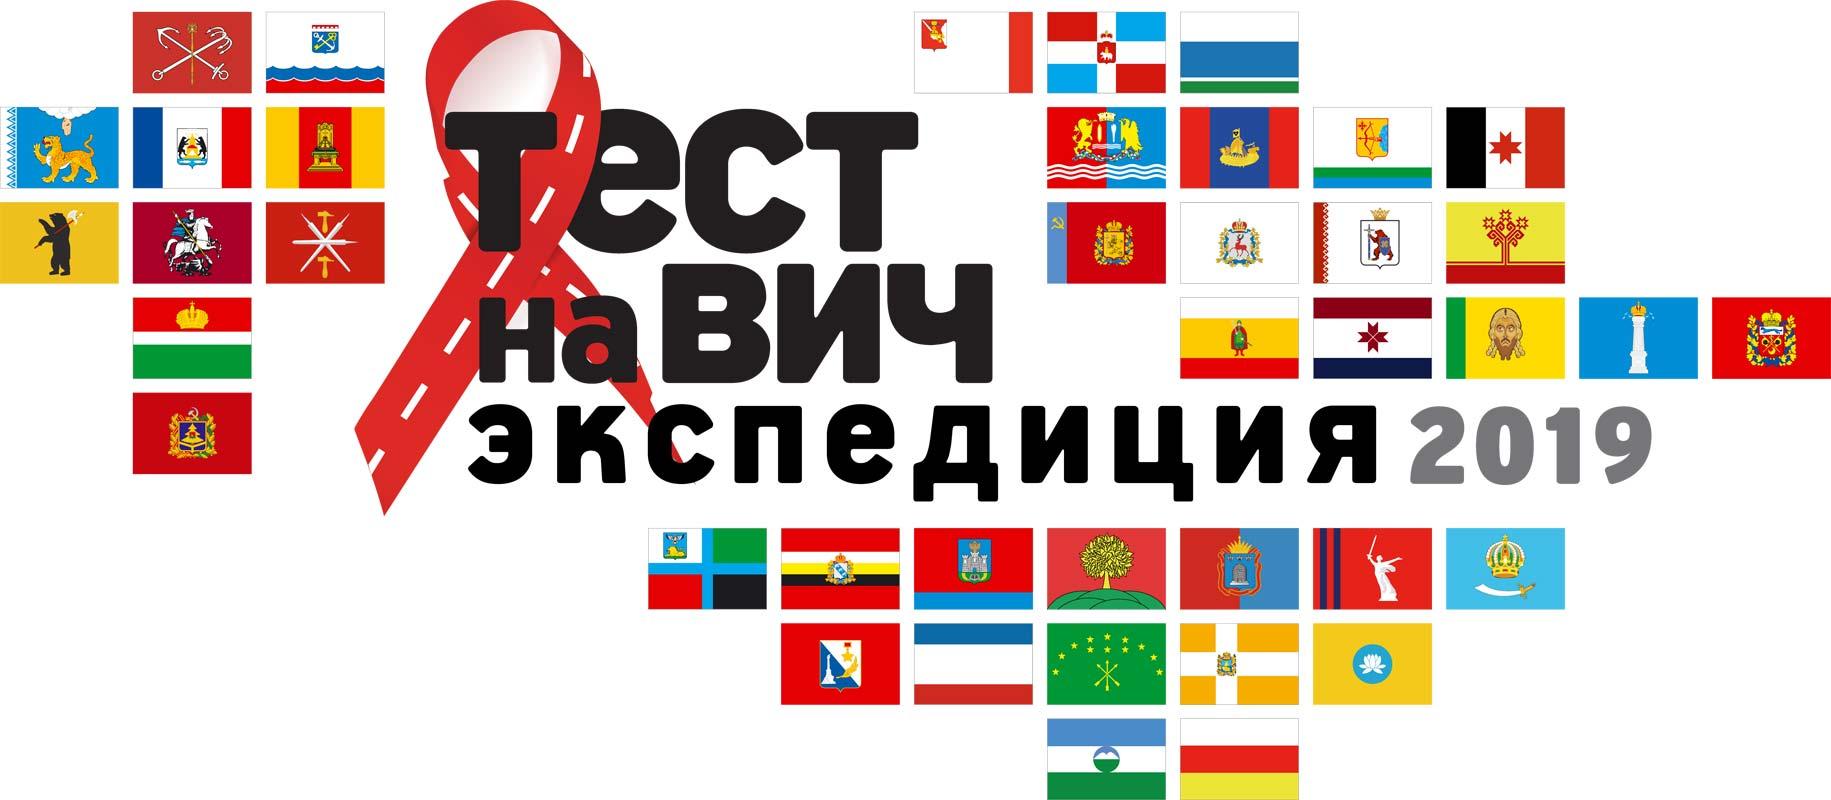 Жители Рыбинска могут пройти бесплатное тестирование на ВИЧ